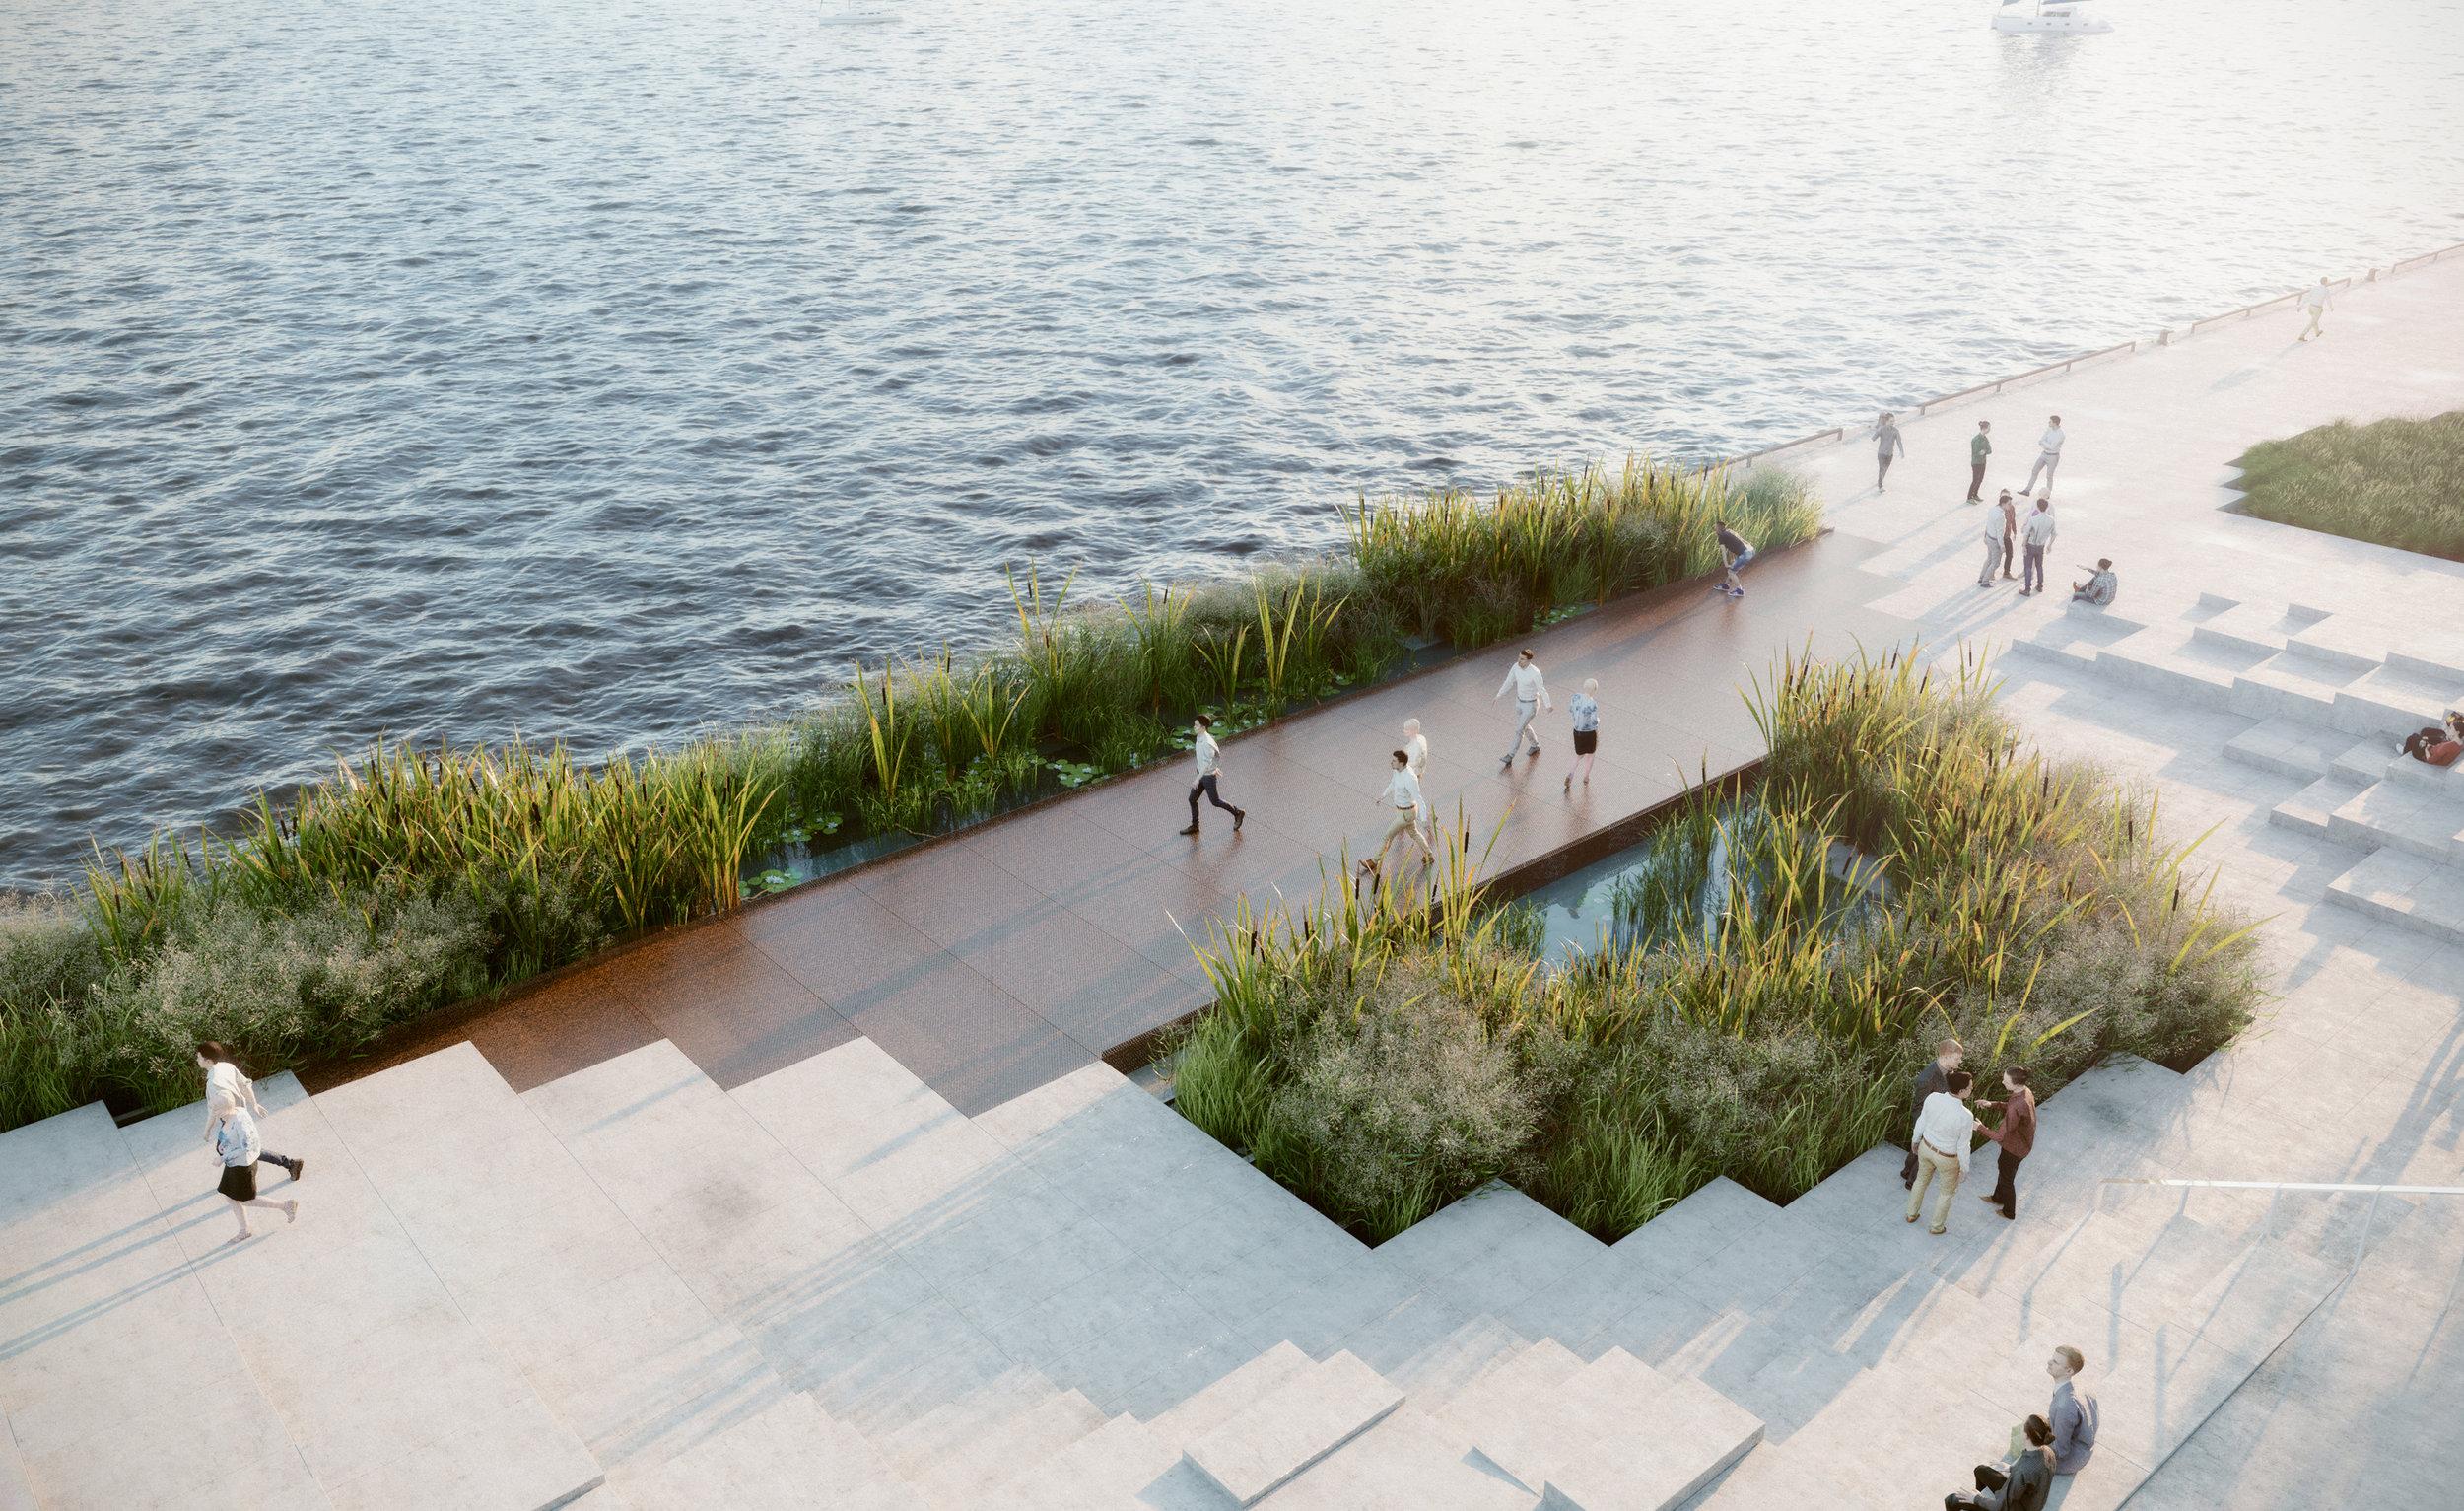 Pier 8 Promenade Park - Marsh